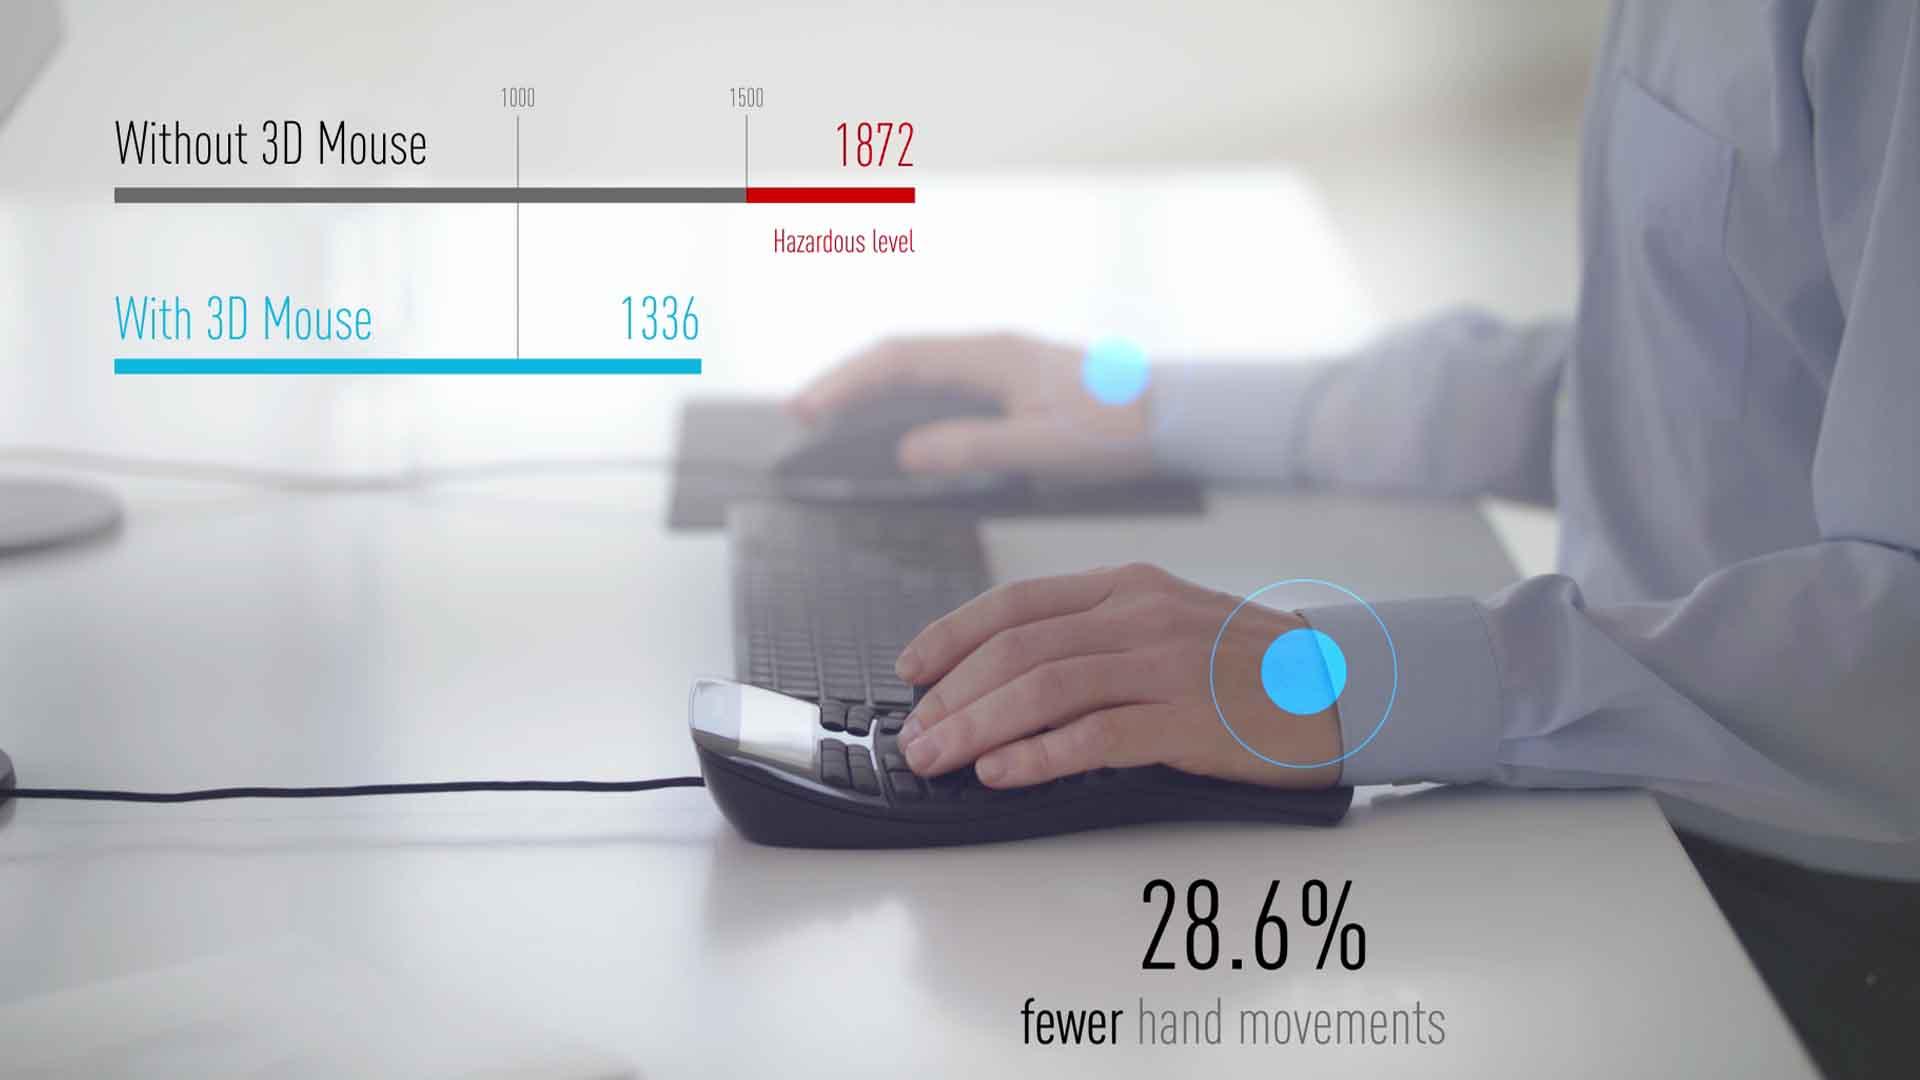 Das Bild zeigt einen Arbeitsplatz in Form eines Schreibtischs mit einer Tastatur und zwei Computermäusen. Die beiden Mäuse werden von einem Mann gehalten. Es sind nur seine Arme zu sehen. Seine Handgelenke sind mit zwei blauen Punkten belegt. Diese sind animiert in das Bild eingefügt. Die linke Seite des Bildes zeigt zwei Balken, diese sind ebenfalls animiert. Unter seiner linken Hand ist ein Text zu sehen, dieser ist durch eine Animation in das Bild eingefügt worden. Das Bild dient als Making Of Bild für den Portfolioeintrag 3Dconnexion SpaceMouse von Panda Pictures.